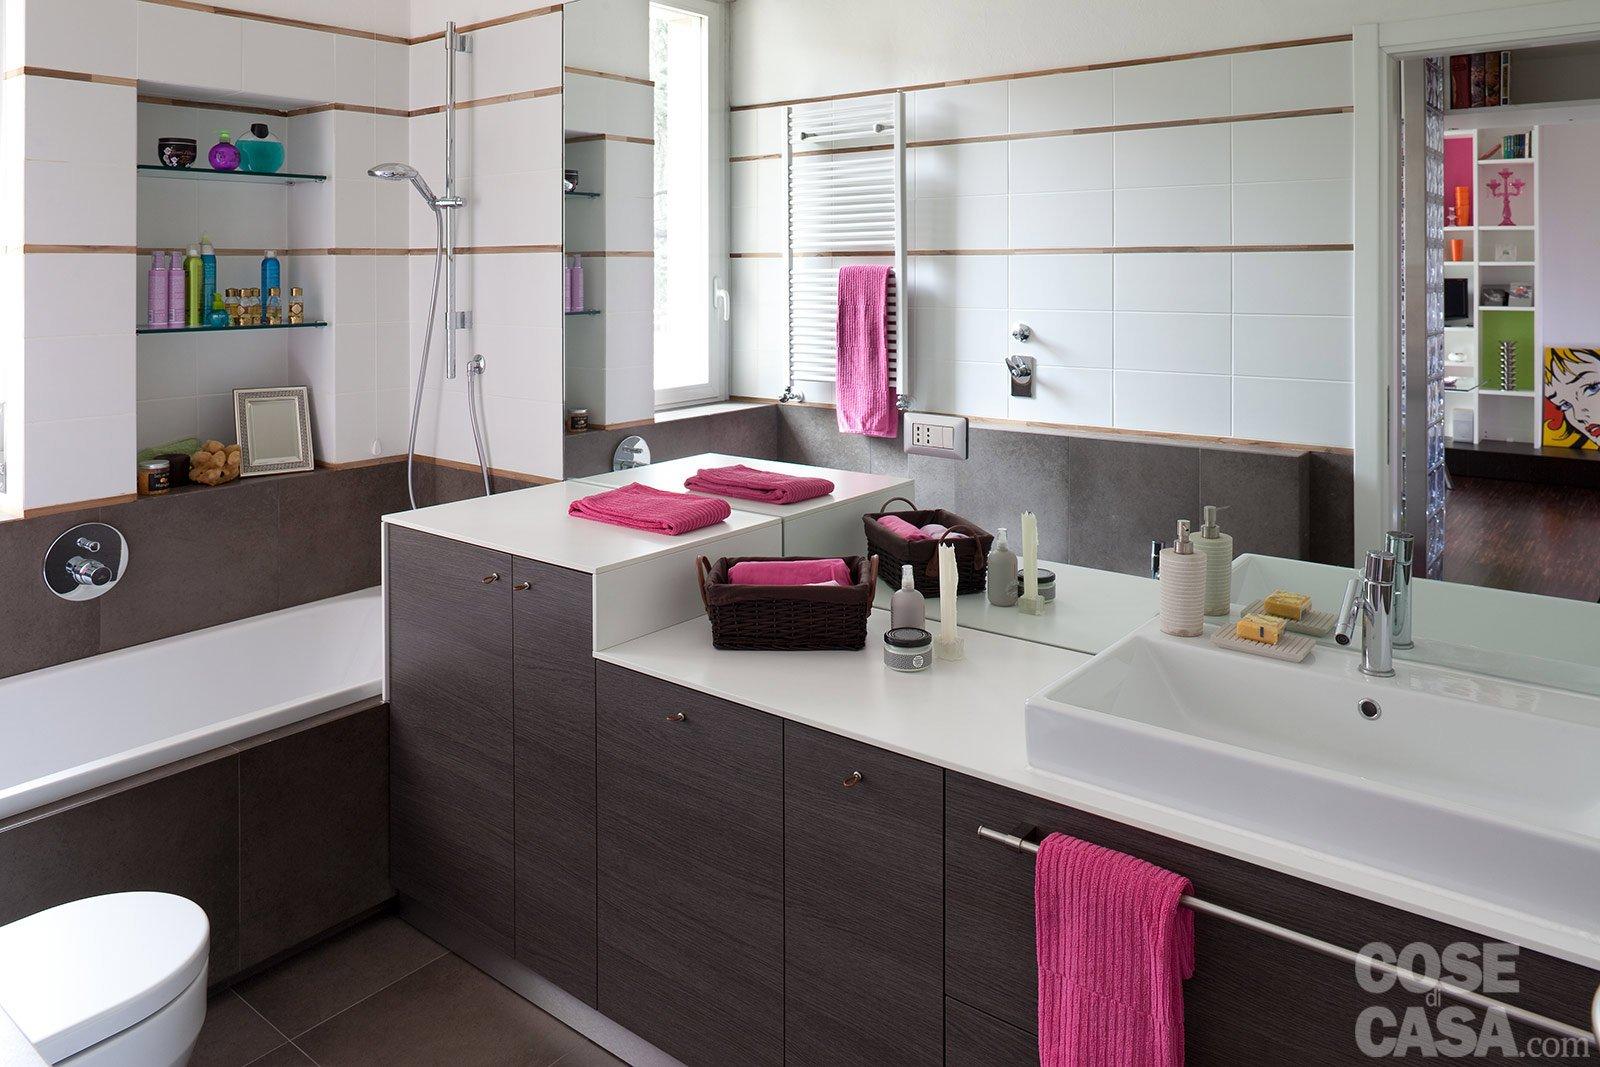 Una casa di 40 mq: monolocale con cucina separata - Cose ...